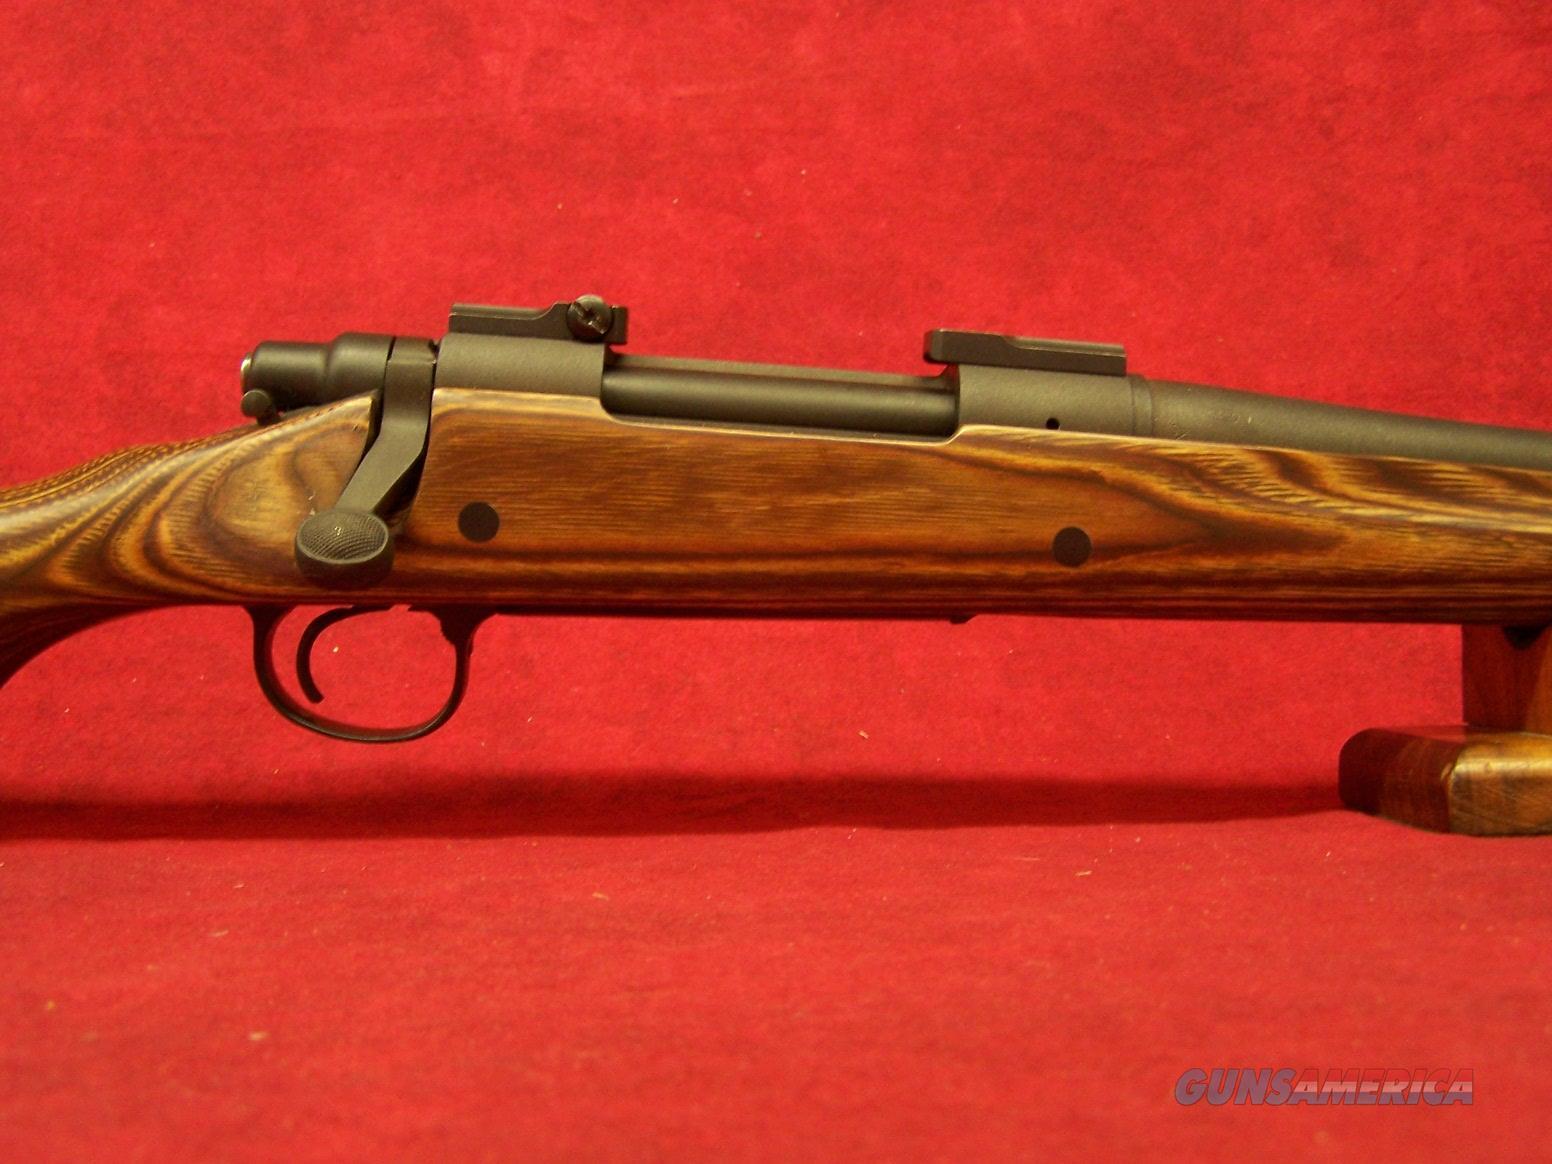 Remington 700 SPS 30-06 w/ Boyd's Laminate Stock  Guns > Rifles > Remington Rifles - Modern > Model 700 > Sporting